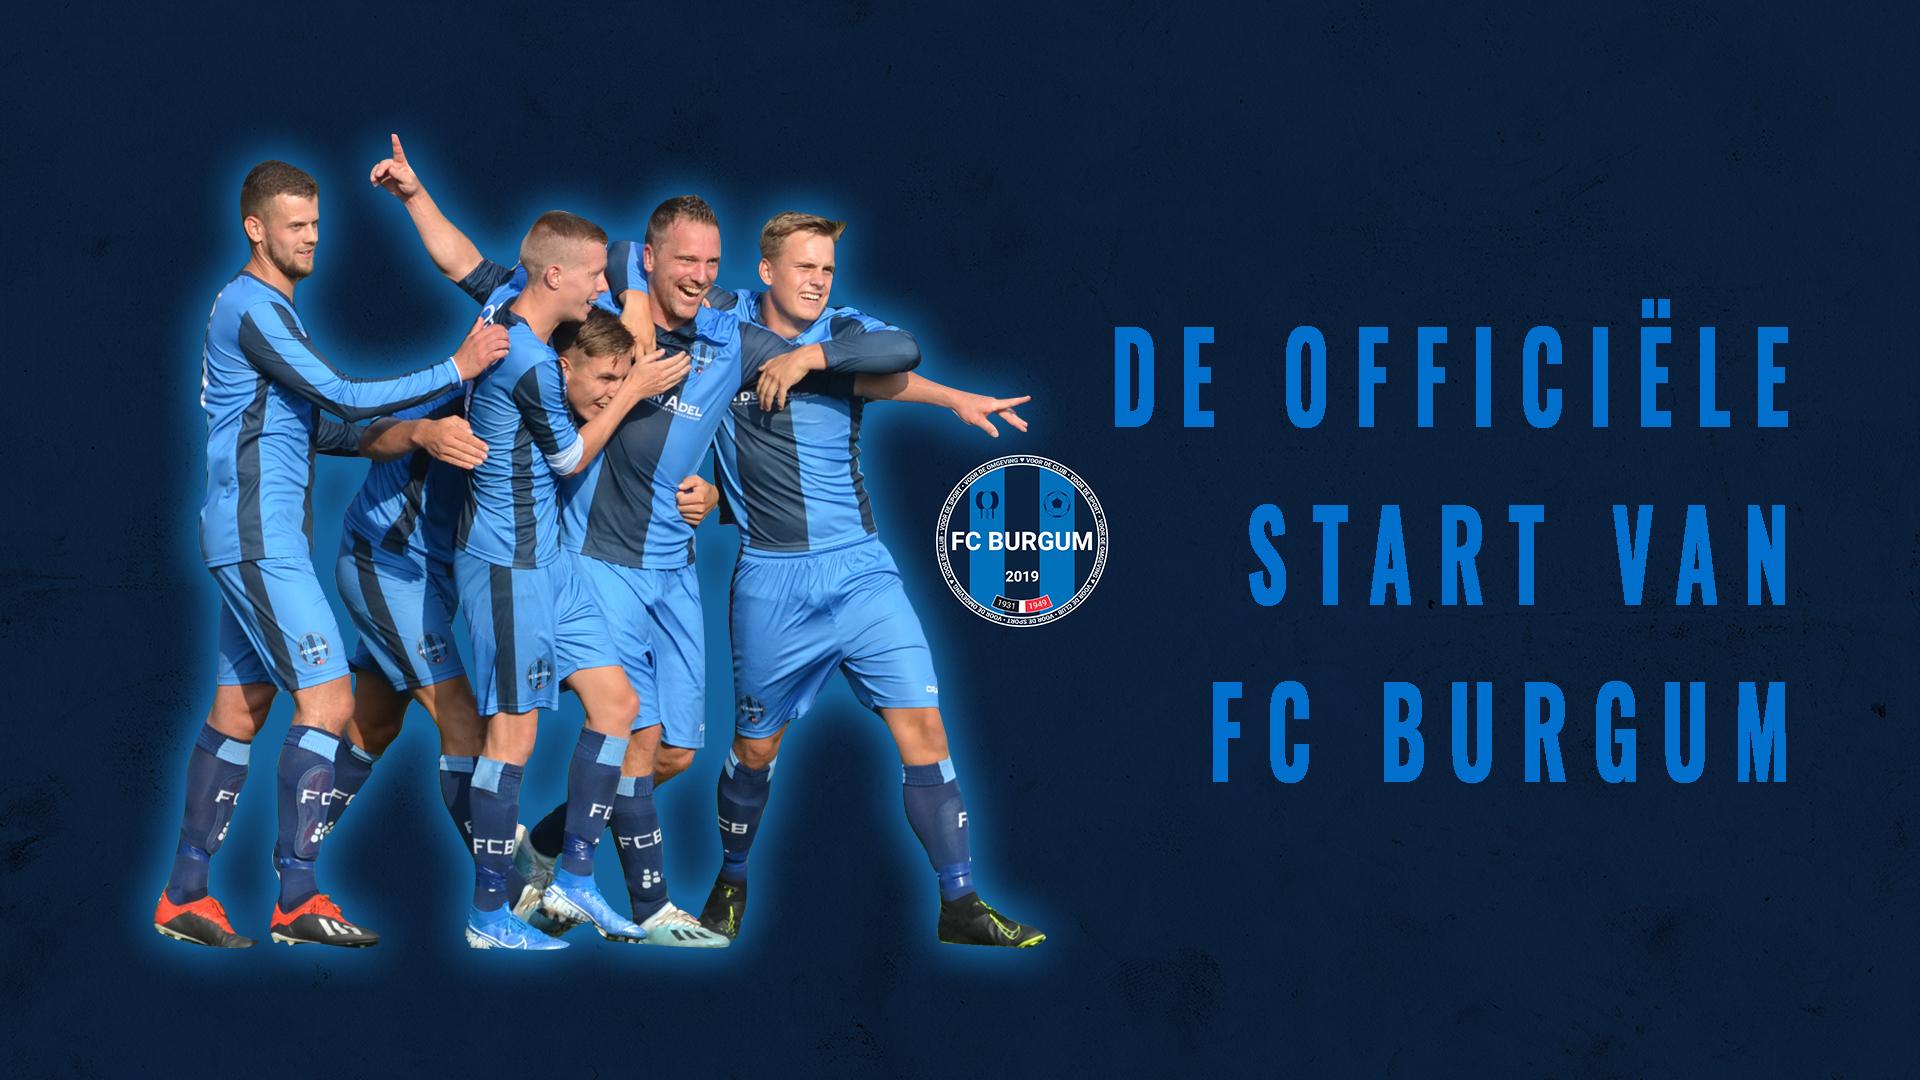 De officiële start van FC Burgum!